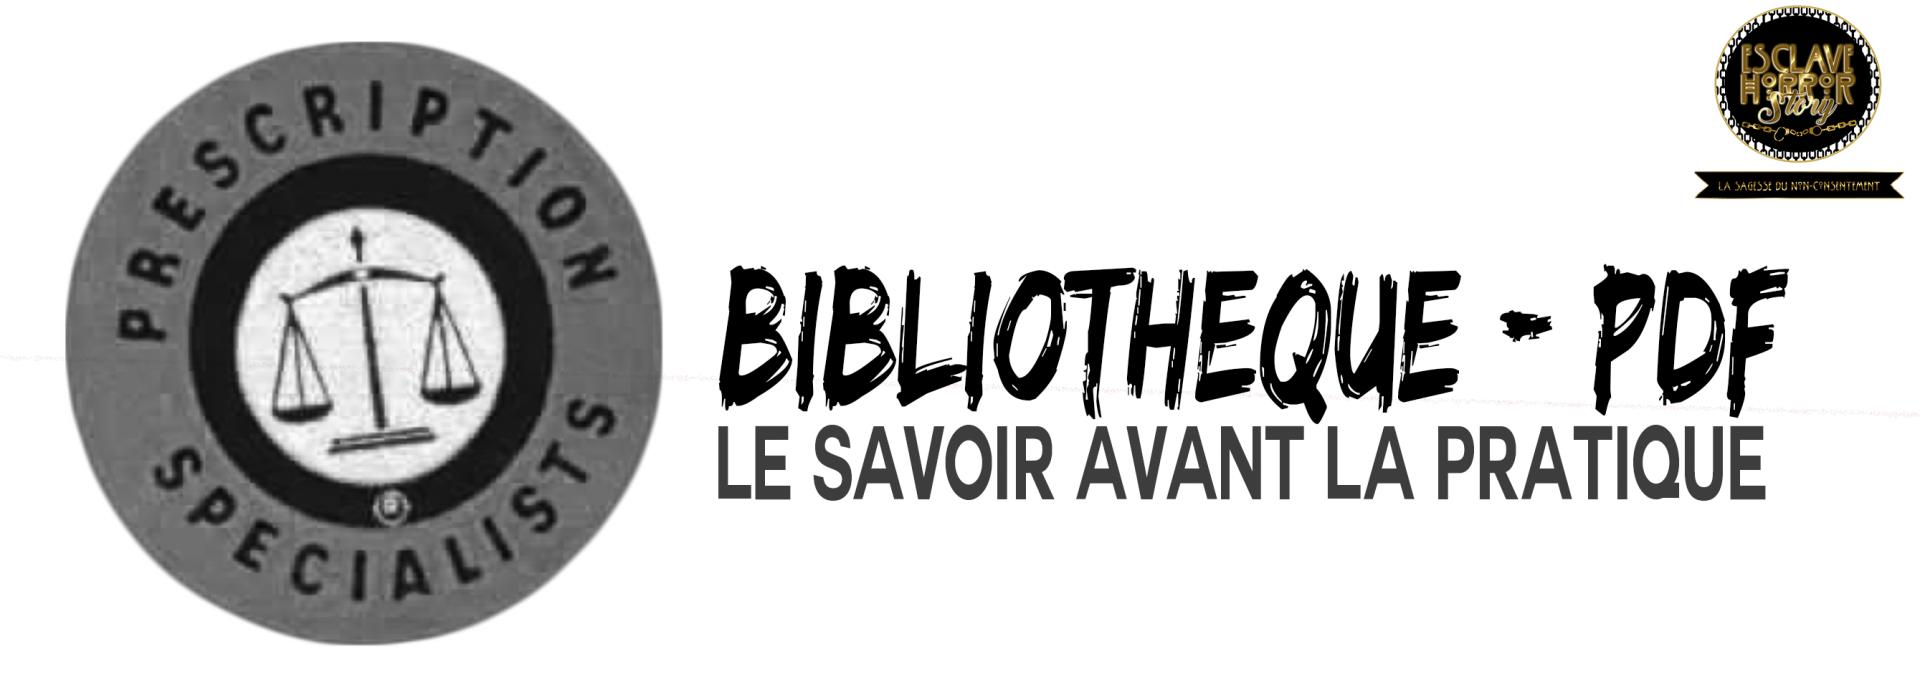 Bibliotheque pdf v2